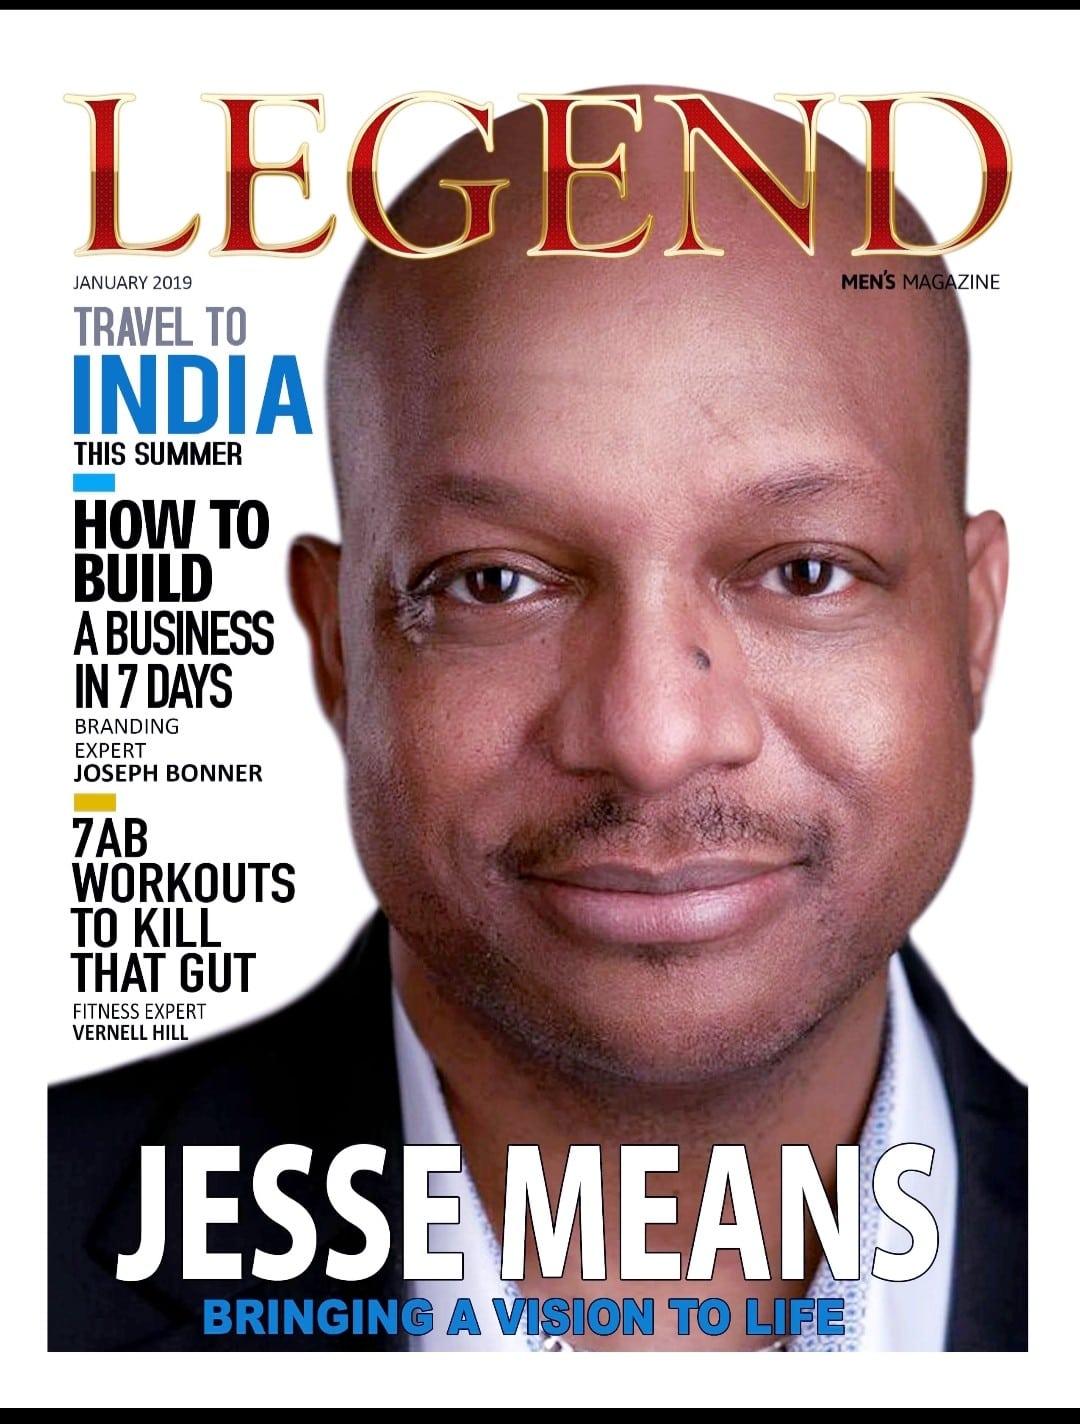 """IMG 2680 - Internationale Veröffentlichung Headshot auf dem Cover der """"Legend Men's Magazine"""""""